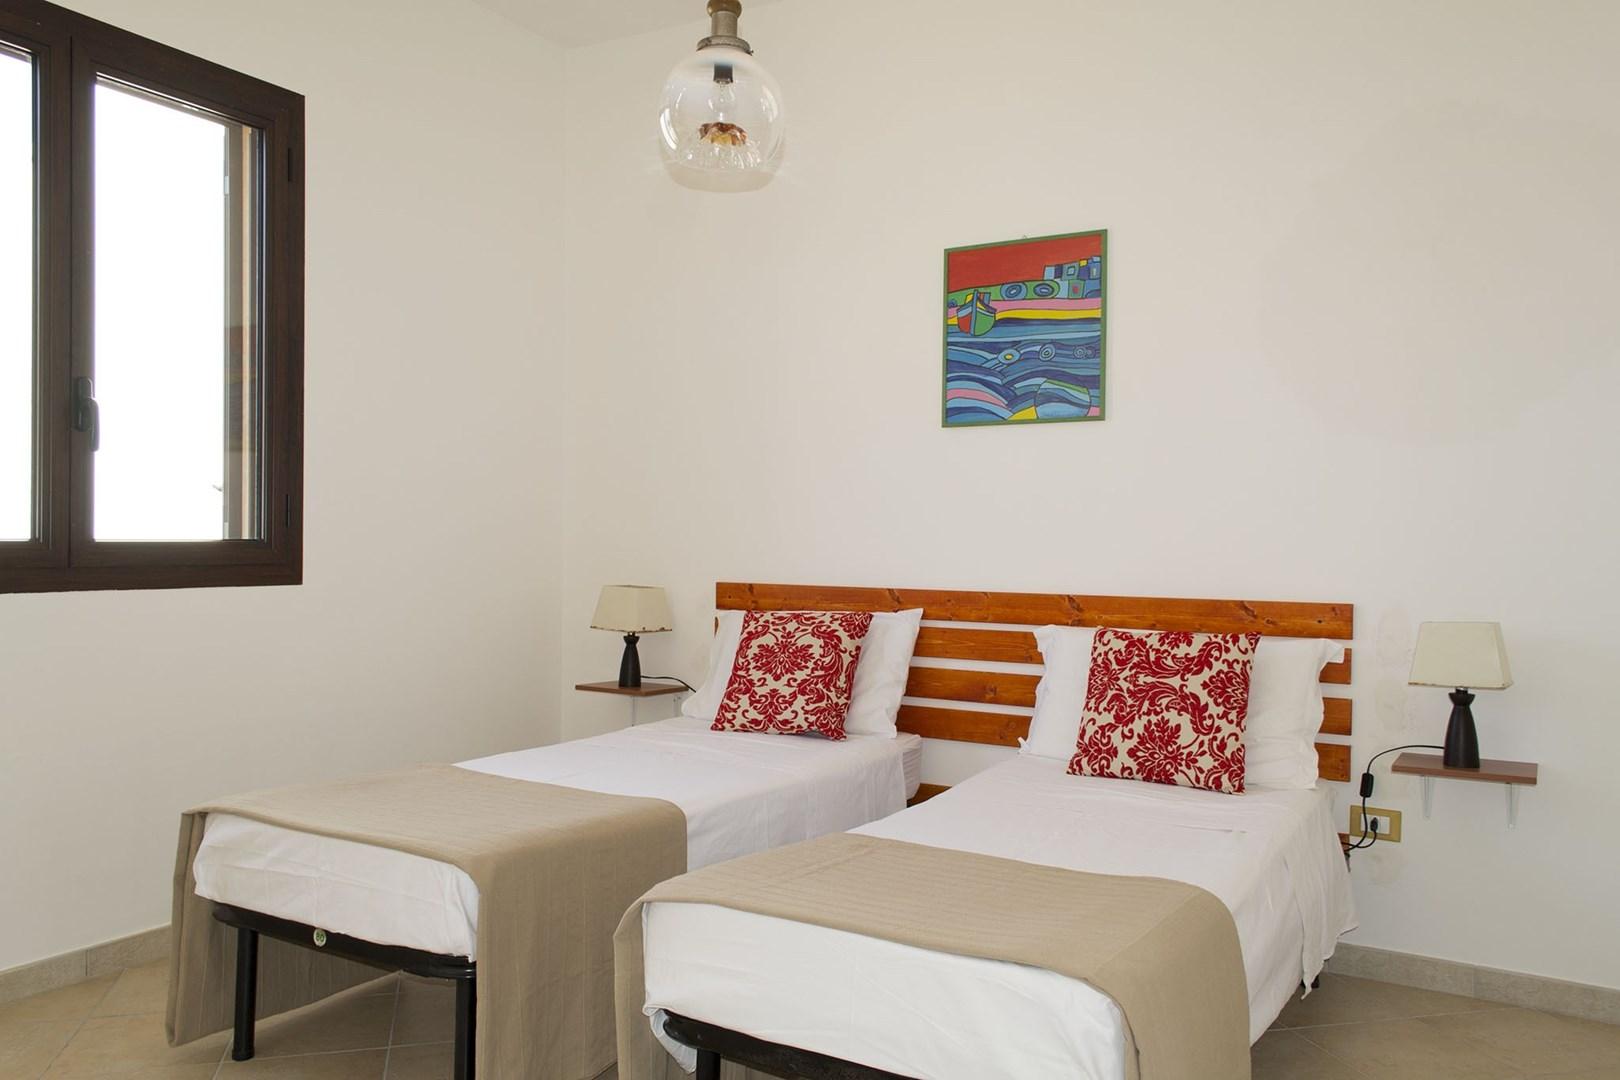 509_appartamento-lecce_6._cameretta.jpg